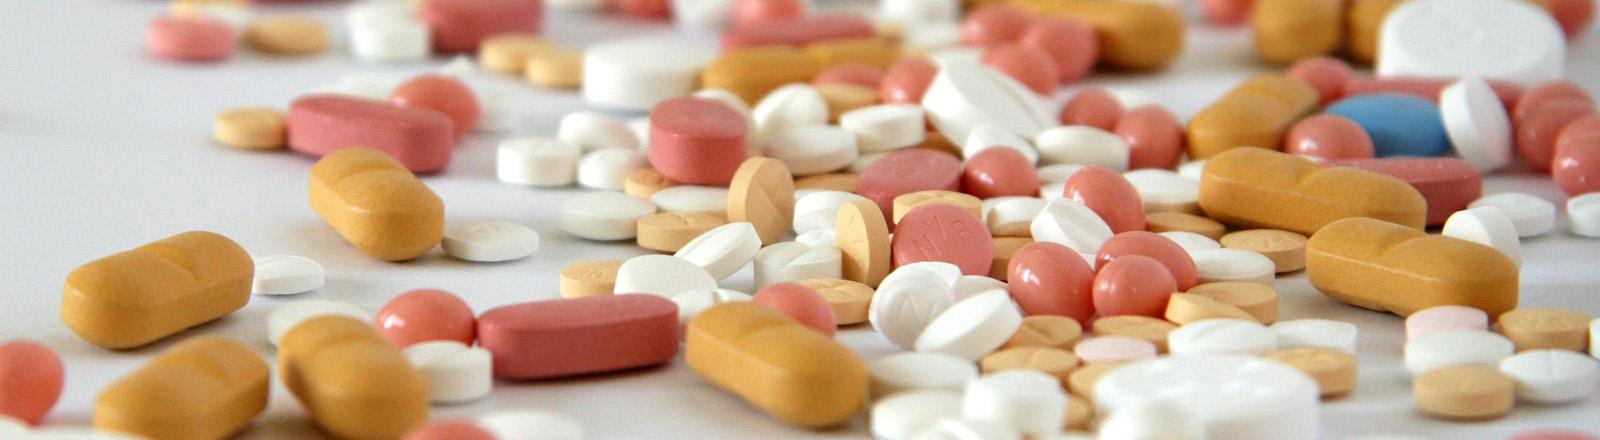 Eine Mischung an buten Pillen in verschiedenen Größen